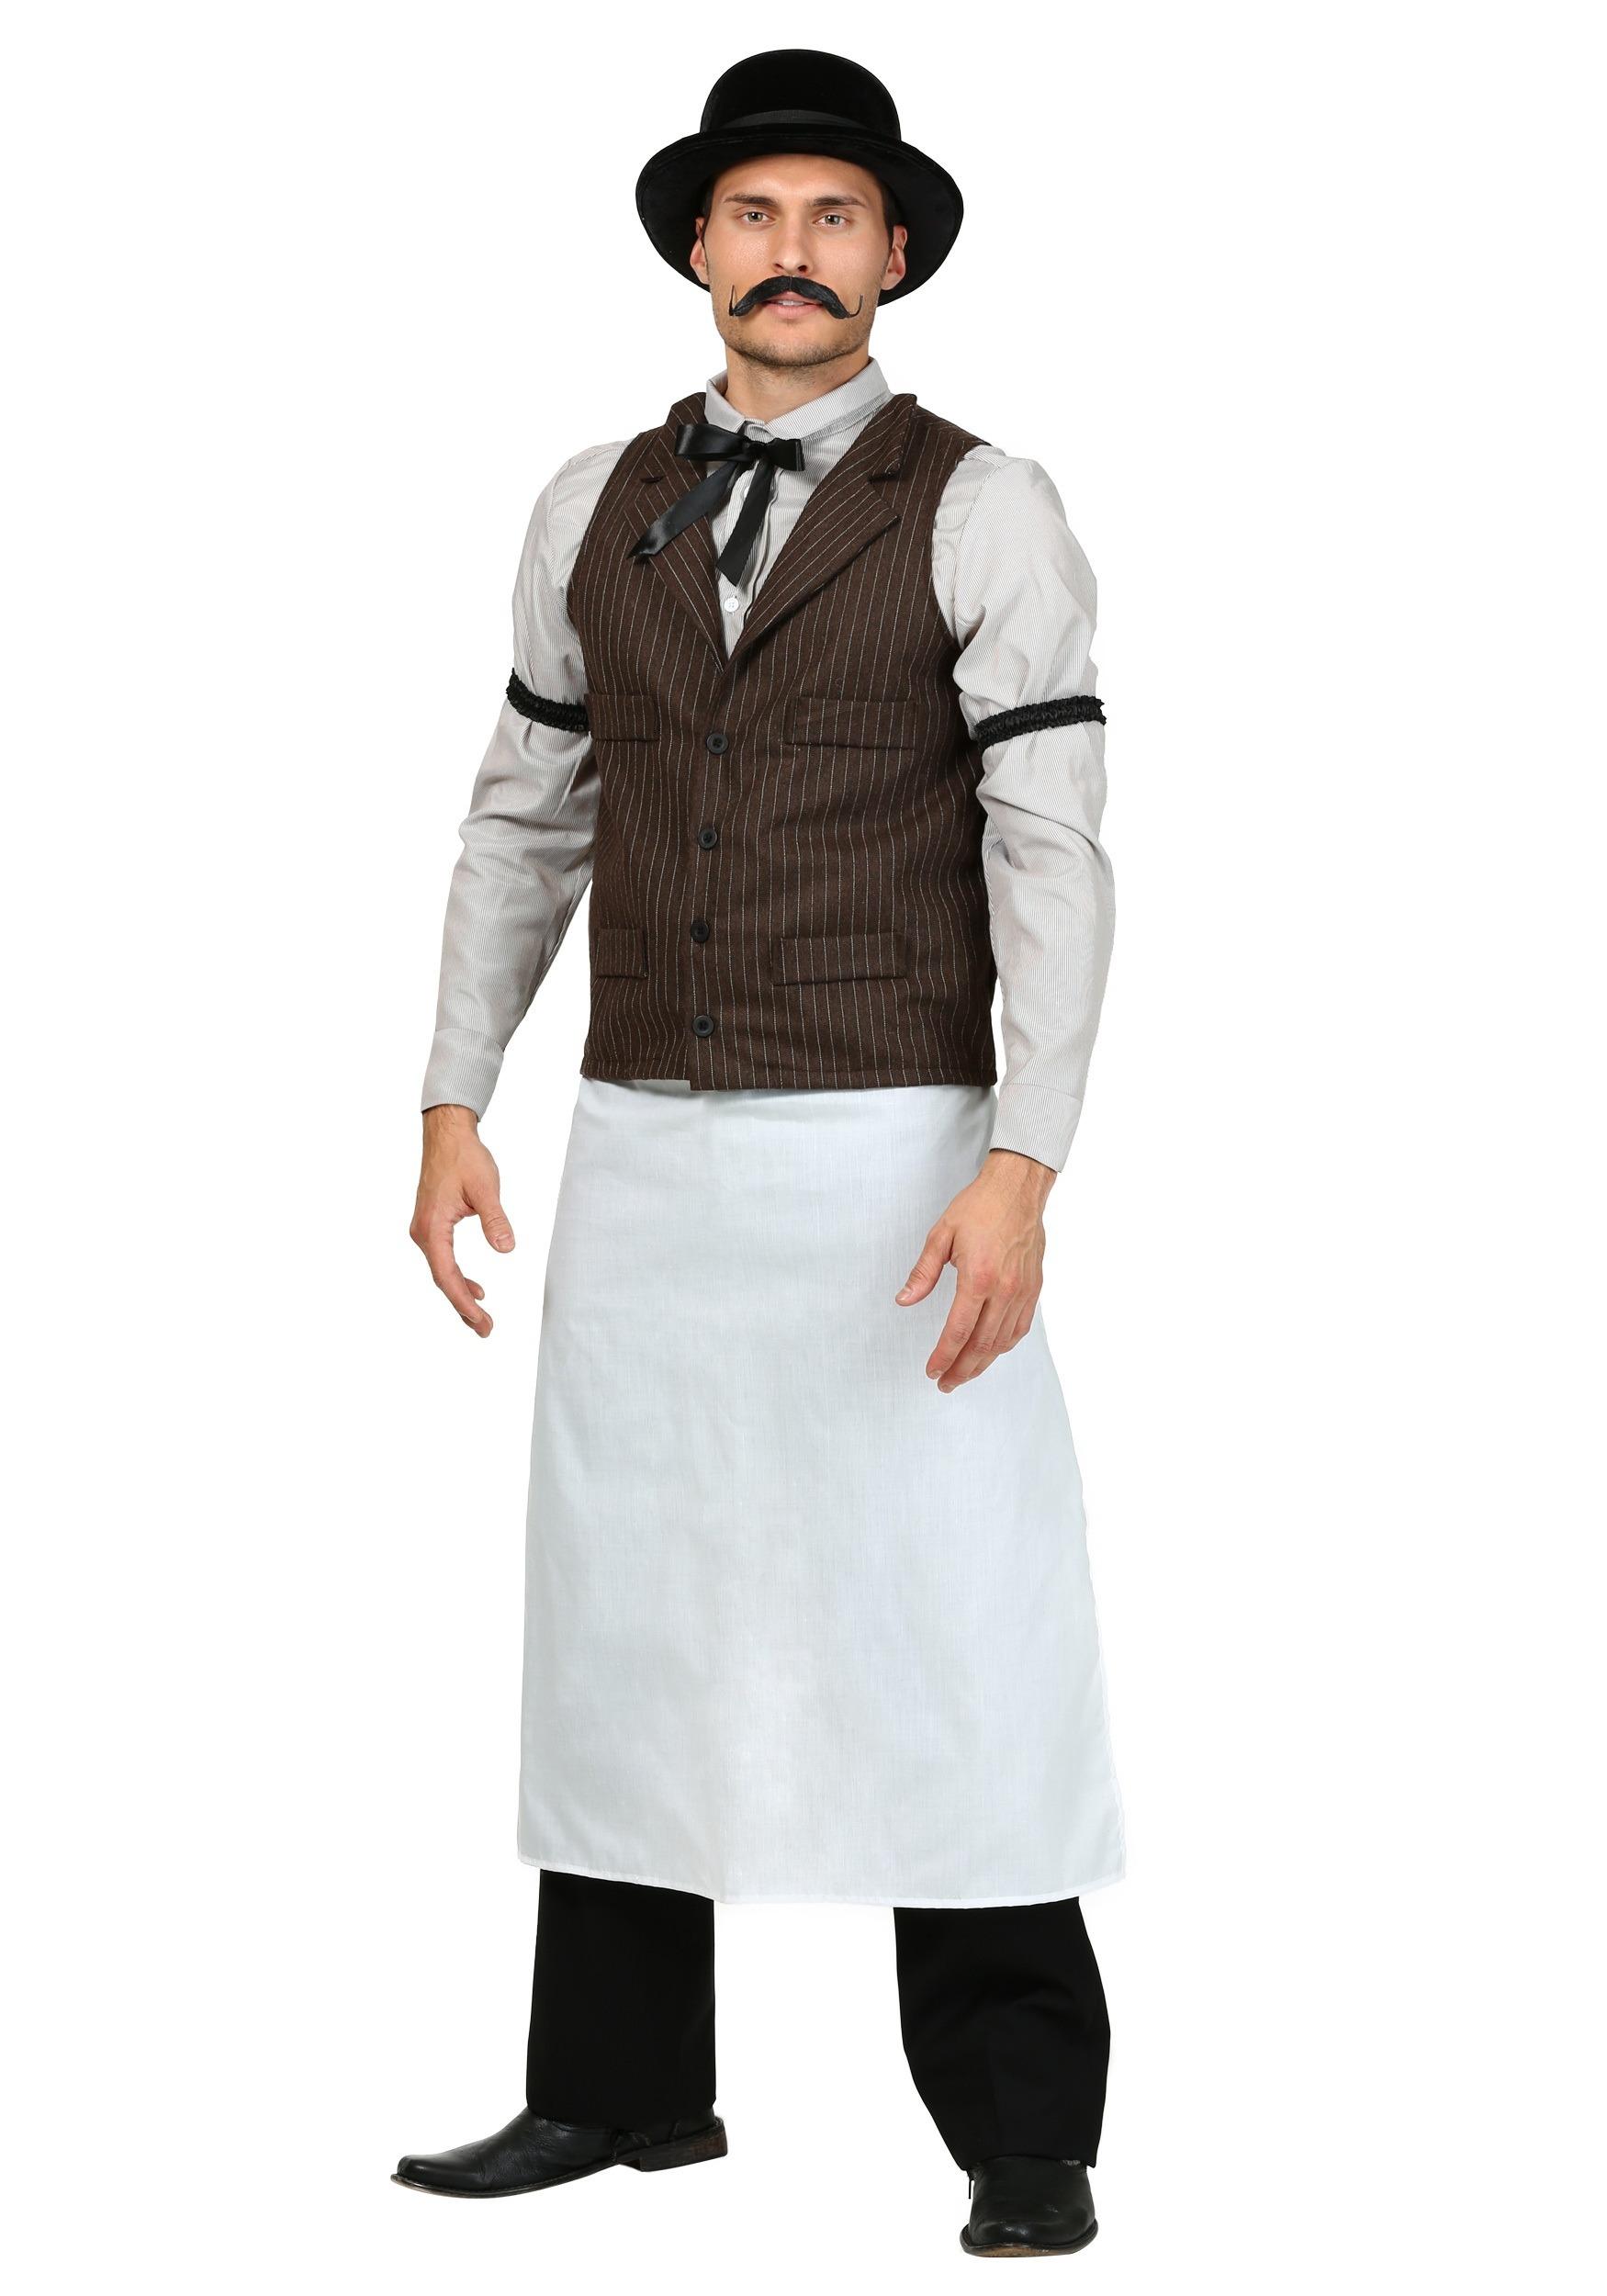 Old West Bartender Costume